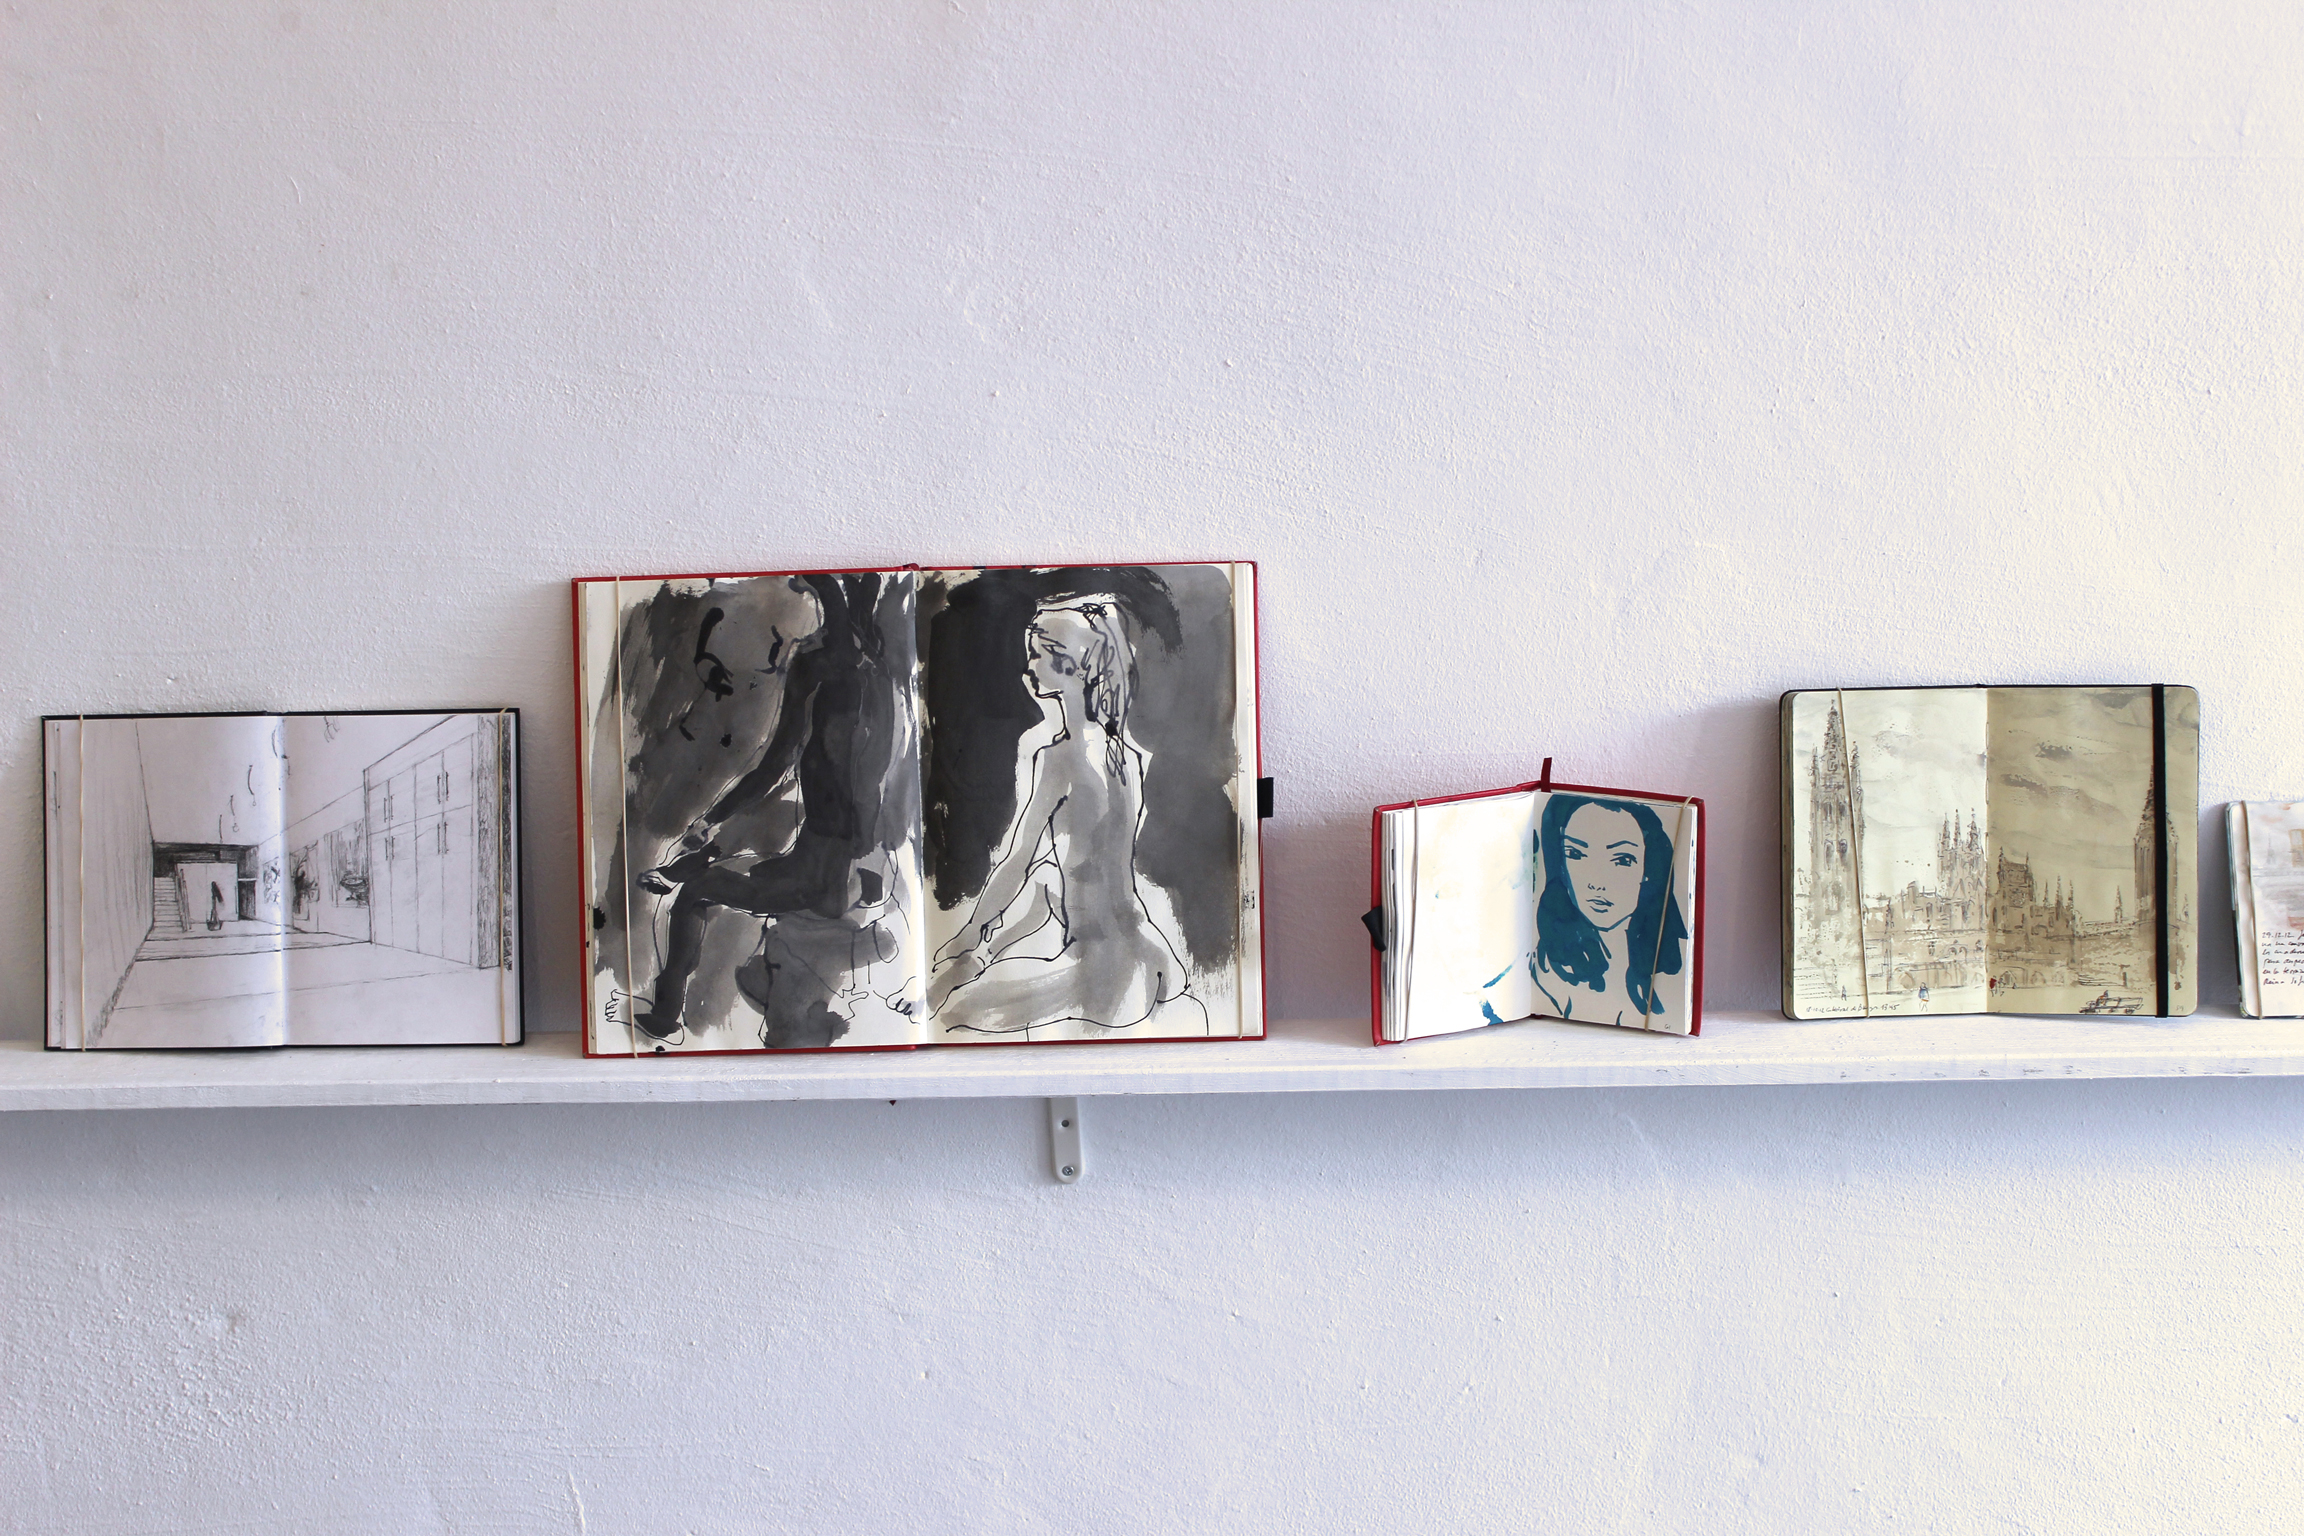 lalonja-logroño-cuadernos-javier-de-blas24